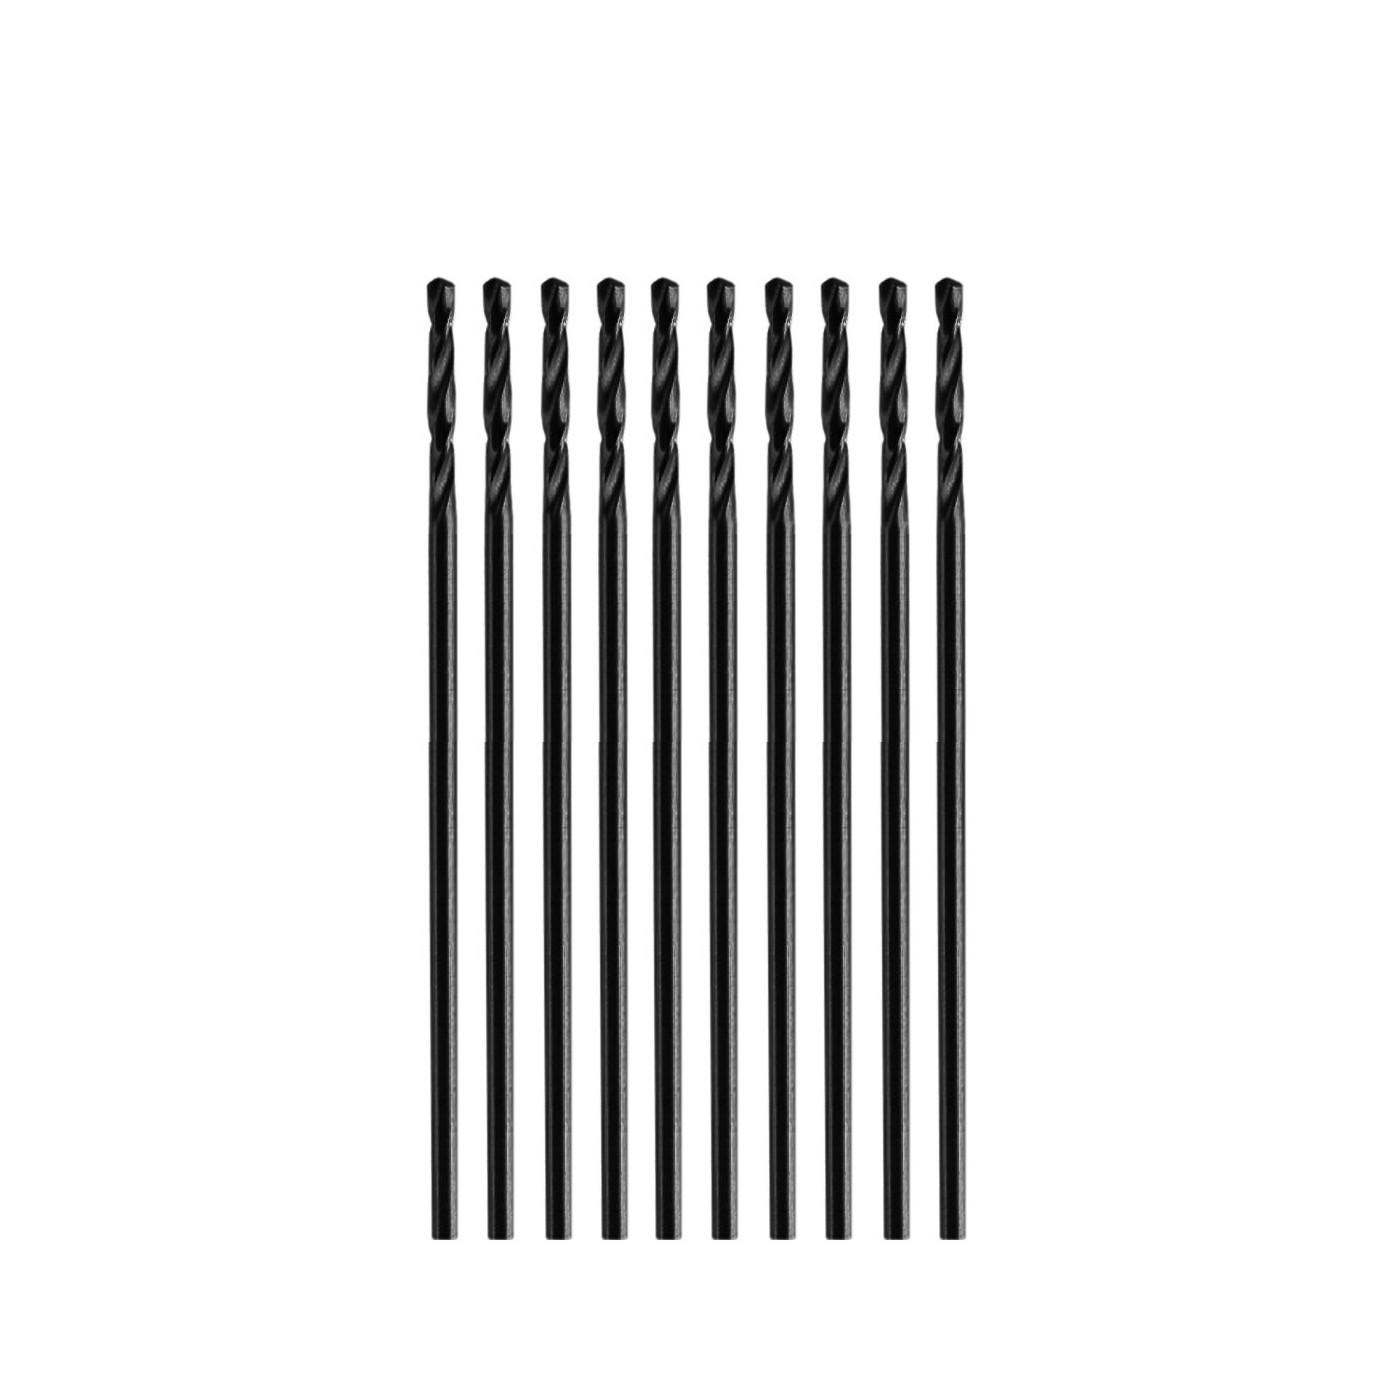 Set van 10 kleine metaalboren (1,6x43 mm, HSS)